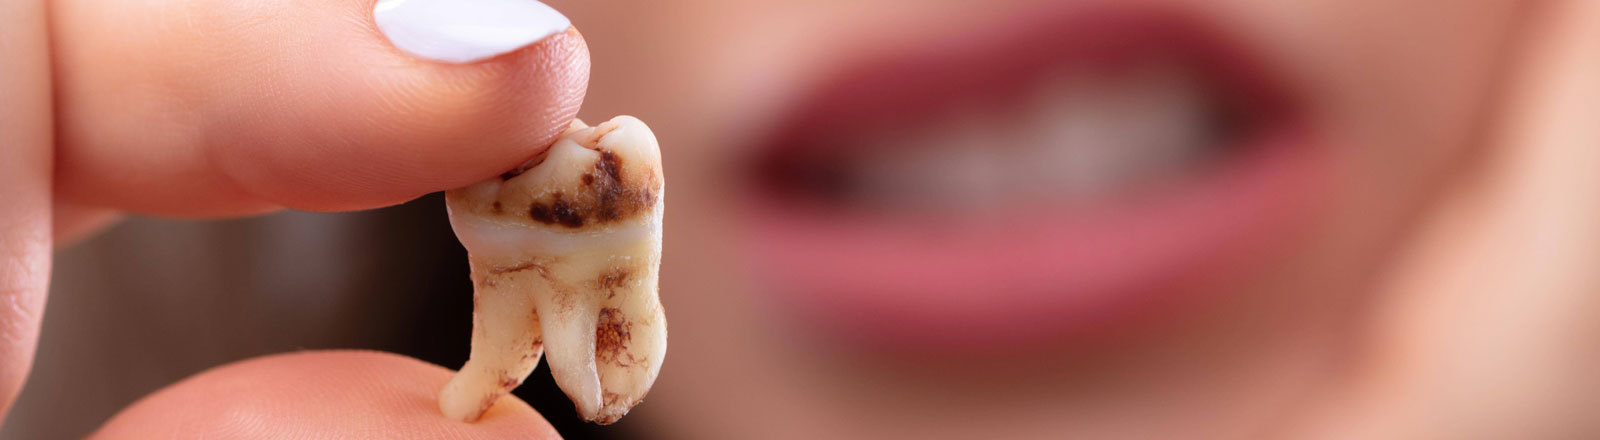 Ein gezogener, fauliger Zahn.